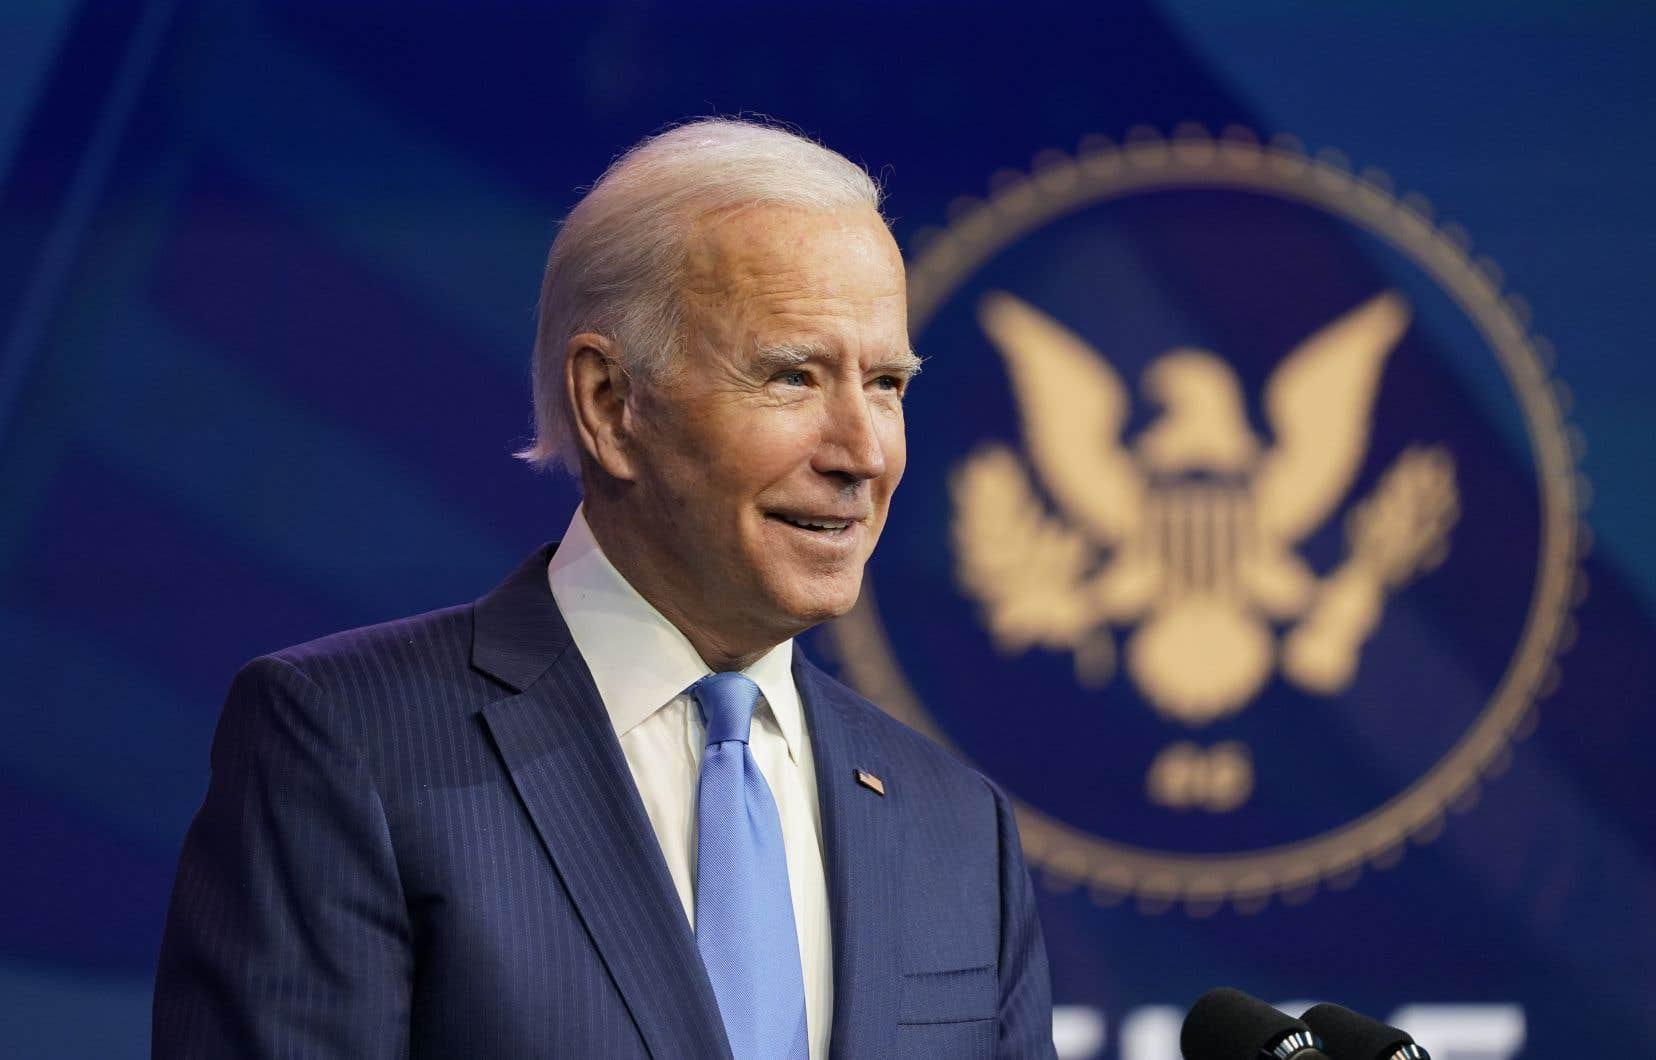 Une fois l'étape solennelle de lundi franchie, il est possible qu'un plus grand nombre d'élus républicains acceptent de reconnaître la victoire de Joe Biden.